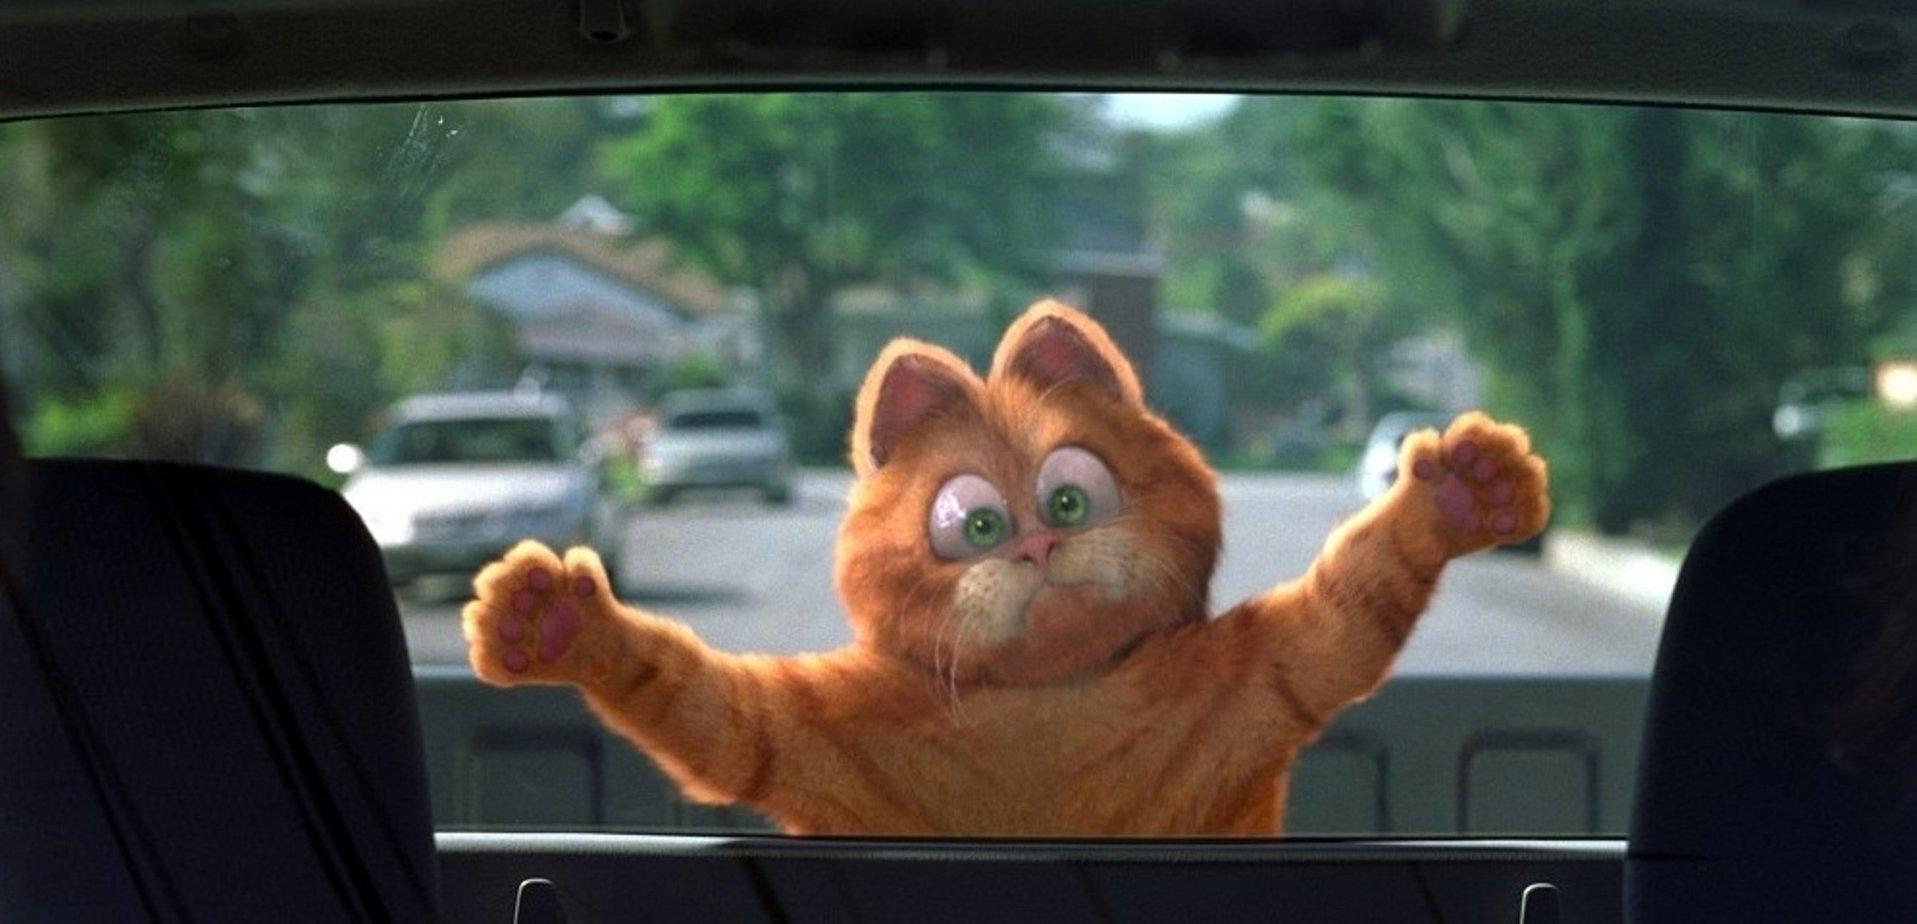 Смотреть онлайн кот гарфилд 14 фотография